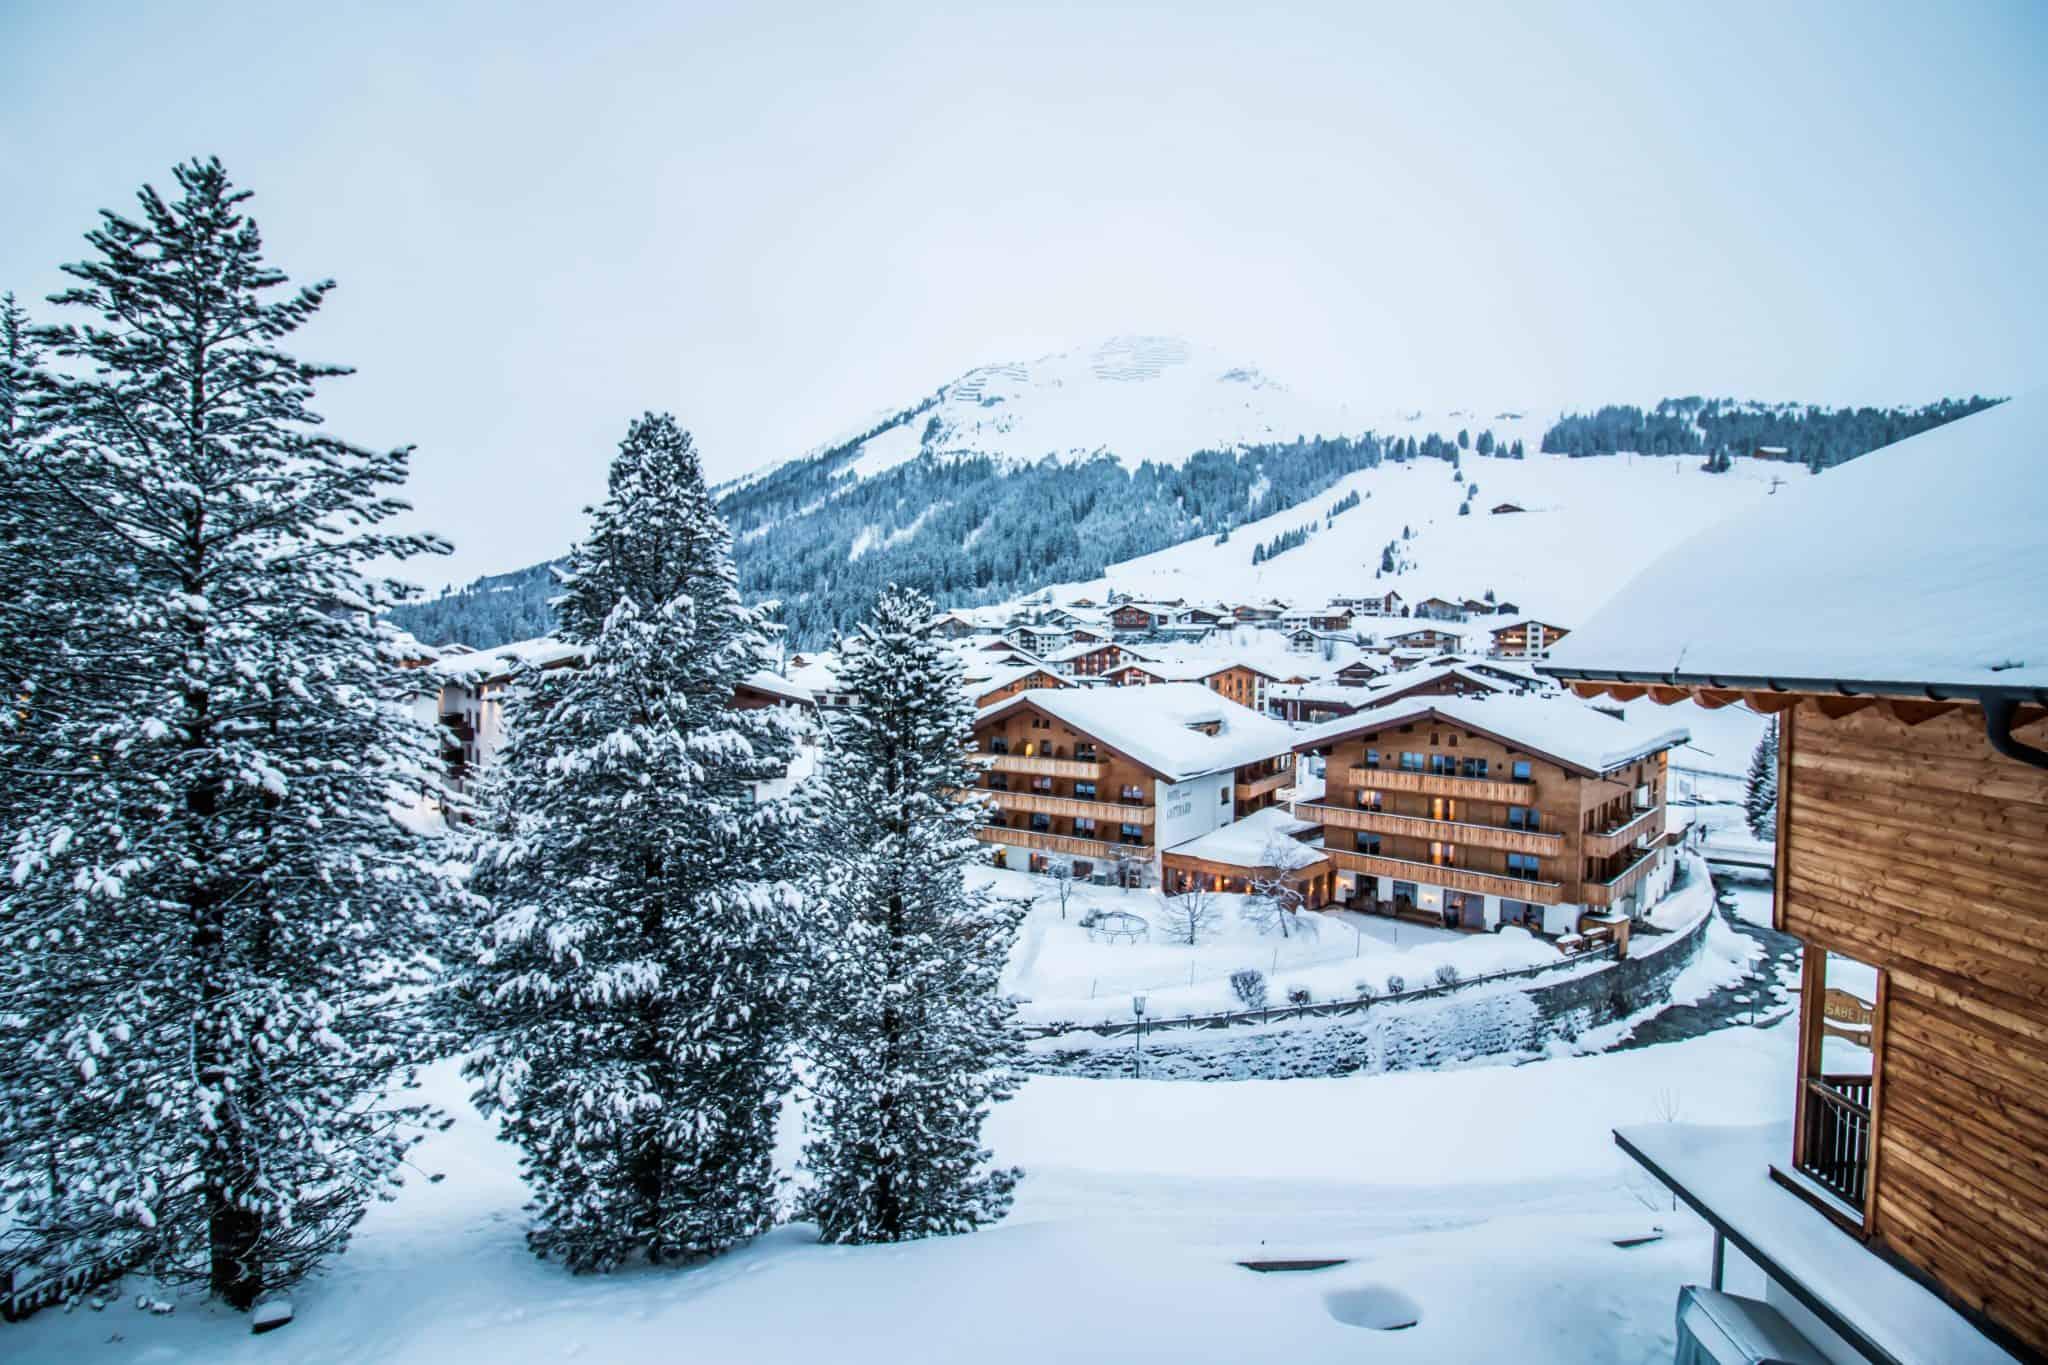 Lech am Arlberg - Austria